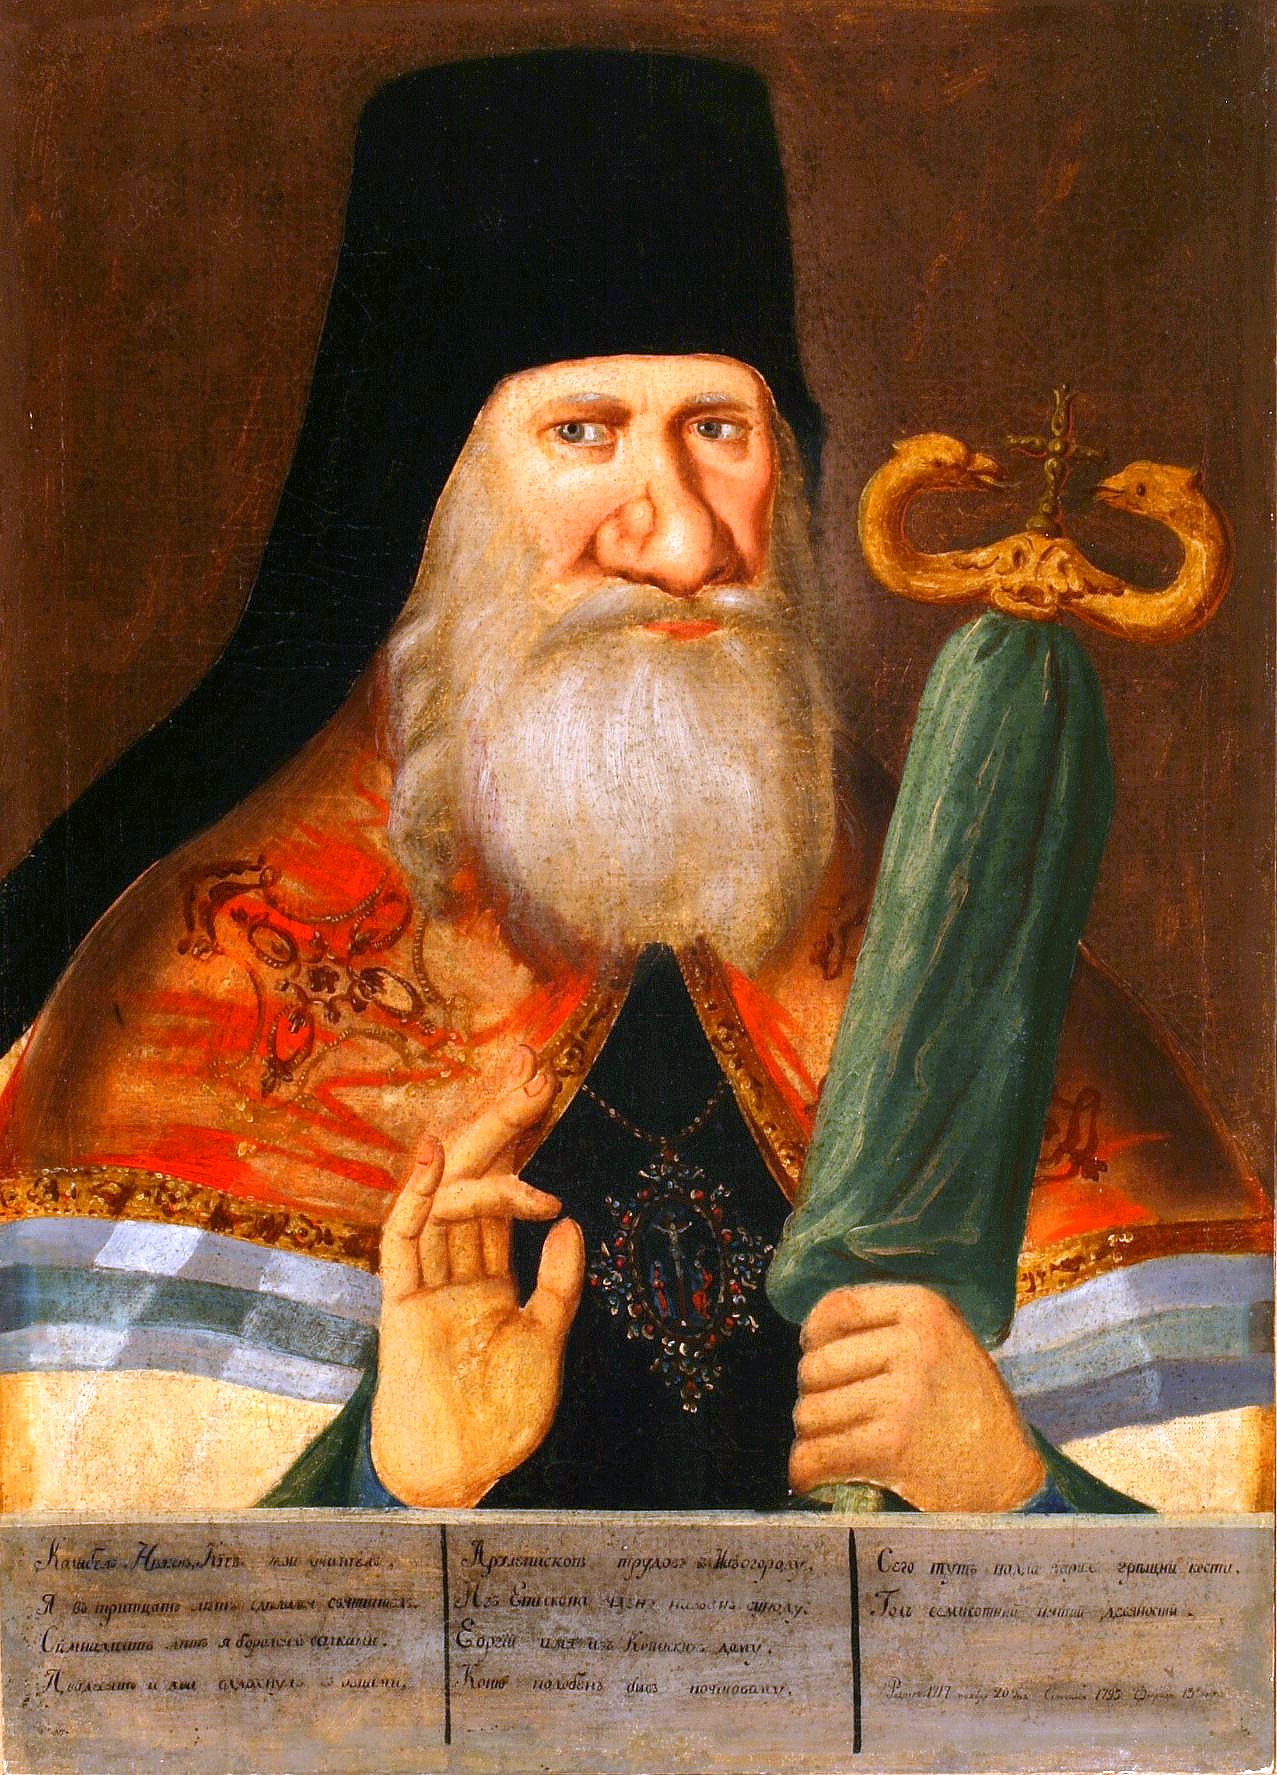 На фото: © Духовность. Крестный ход во славу святого Георгия Конисского в Могилеве, автор: Basmach